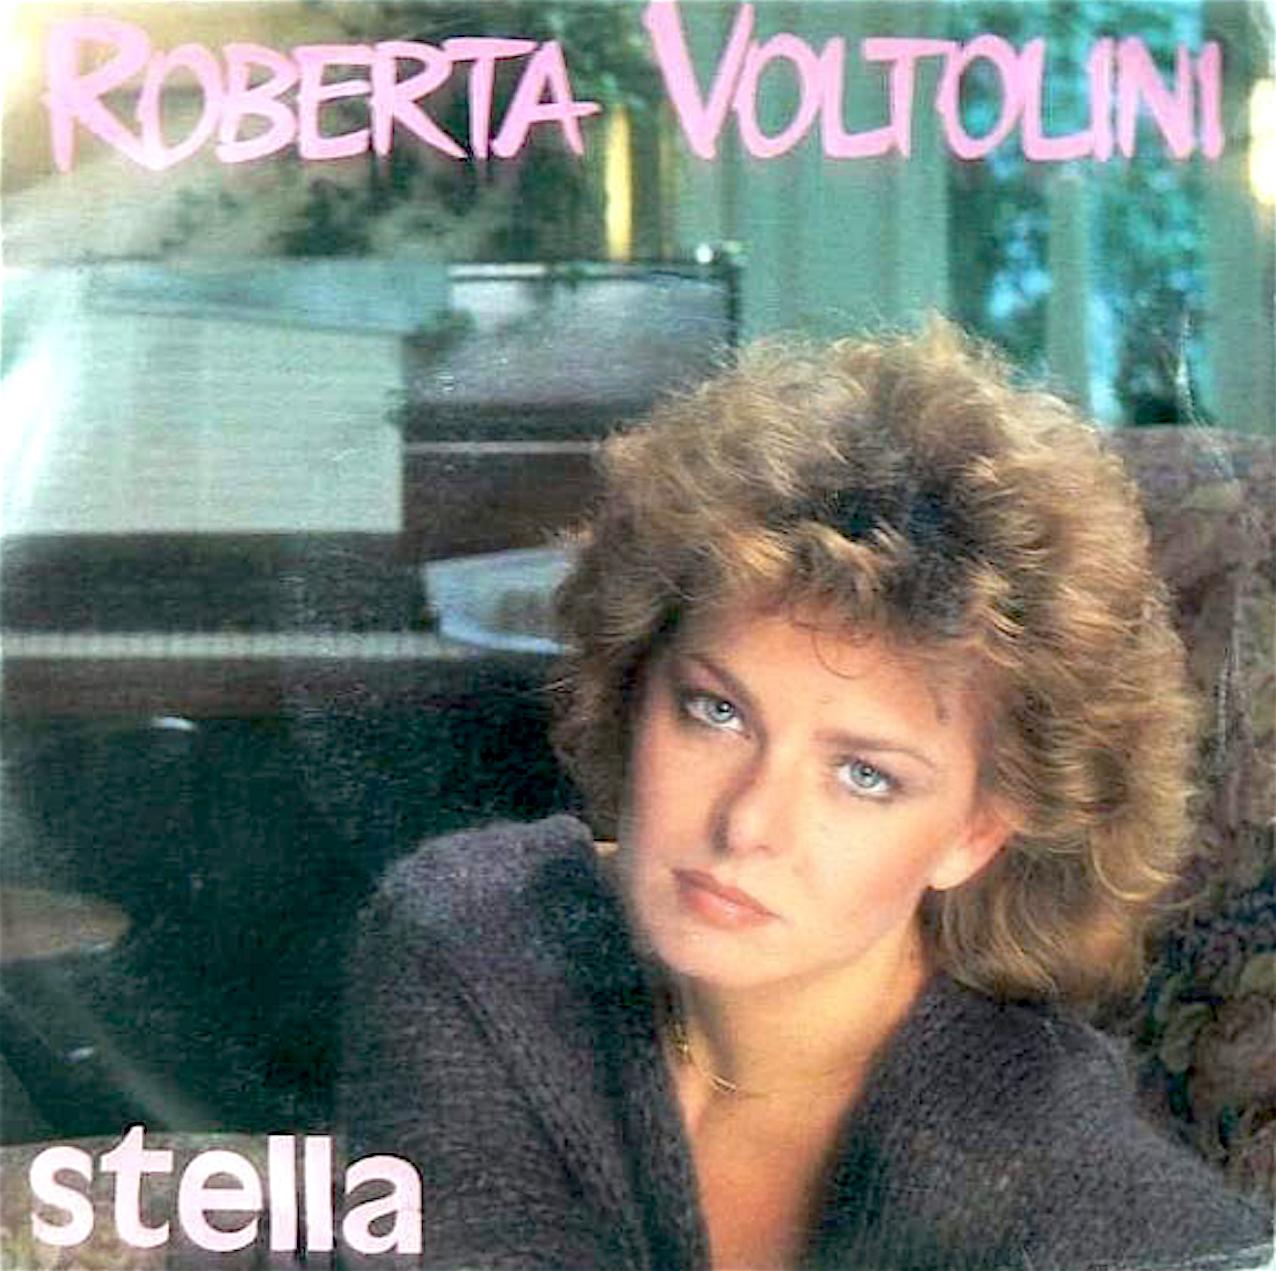 roberta_voltolini_tributo_sanremo_stella